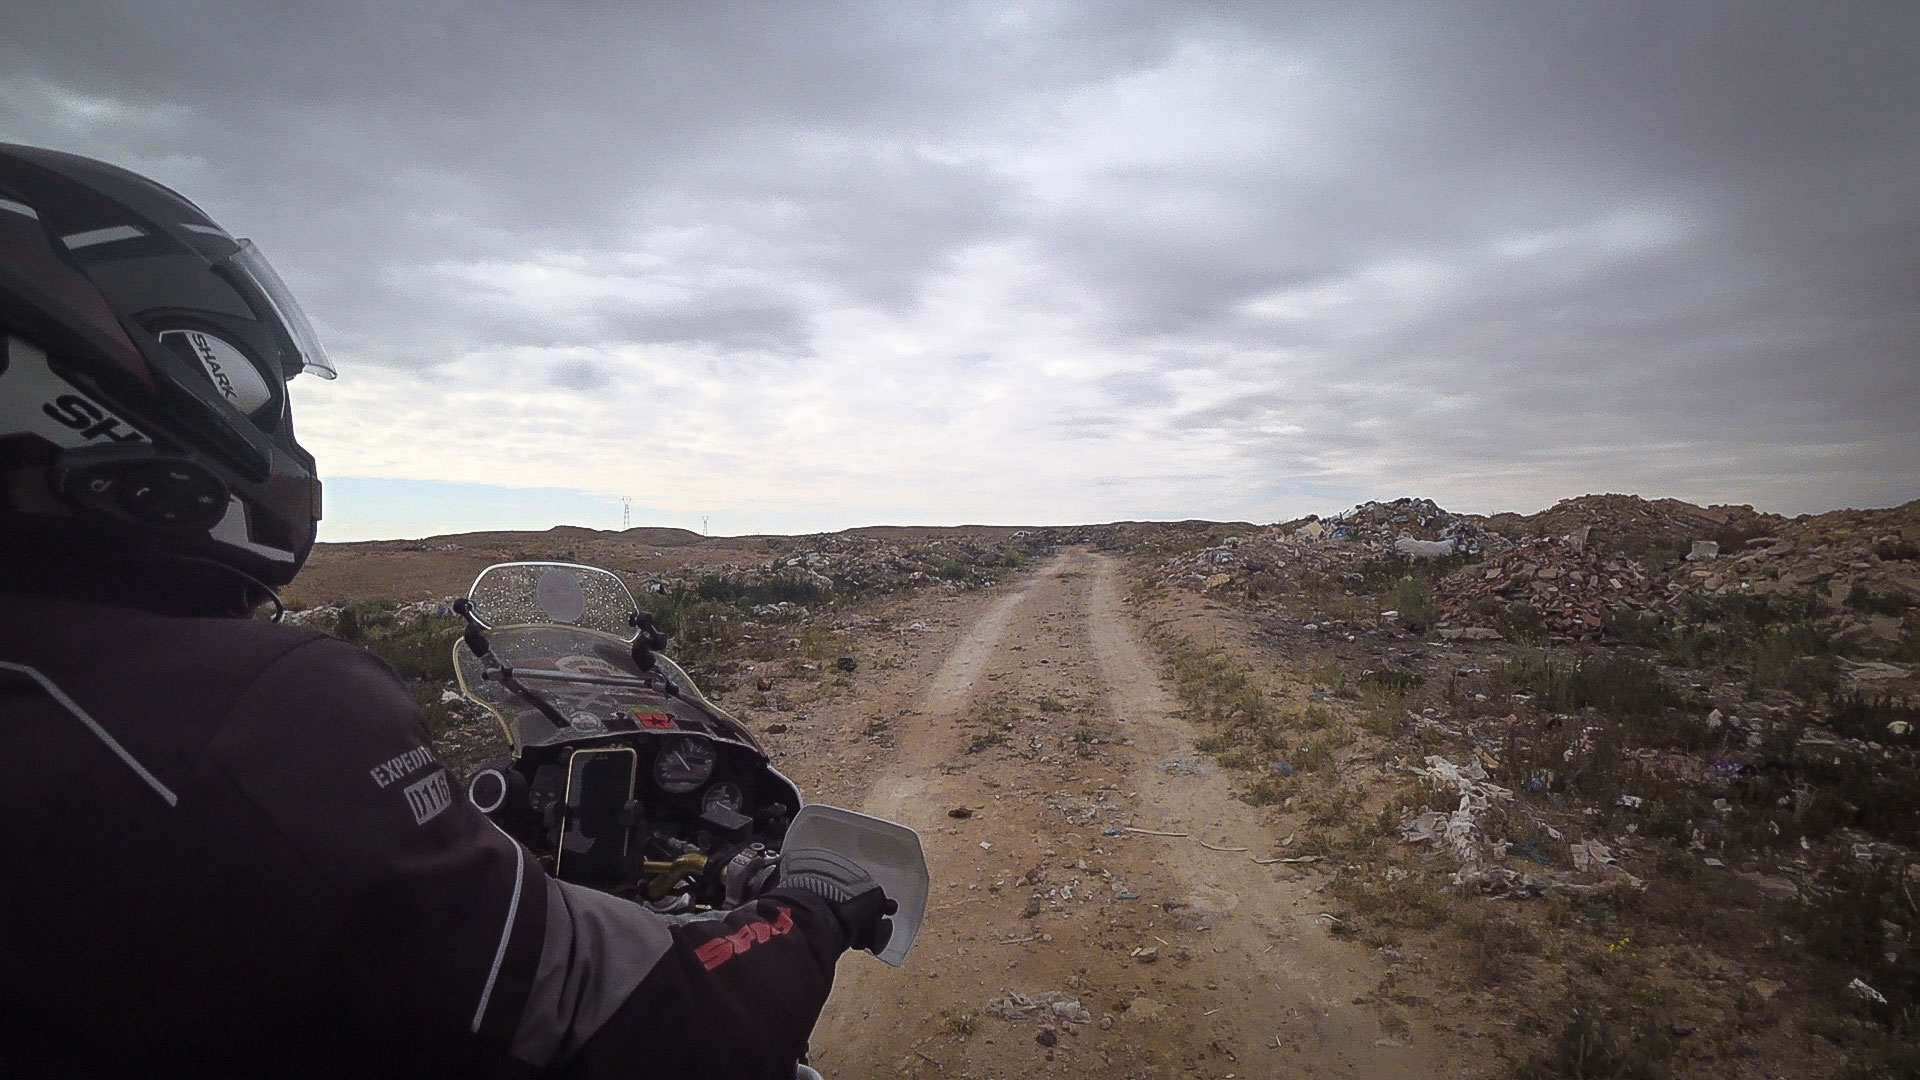 cercando una via alternativa deserto tunisia